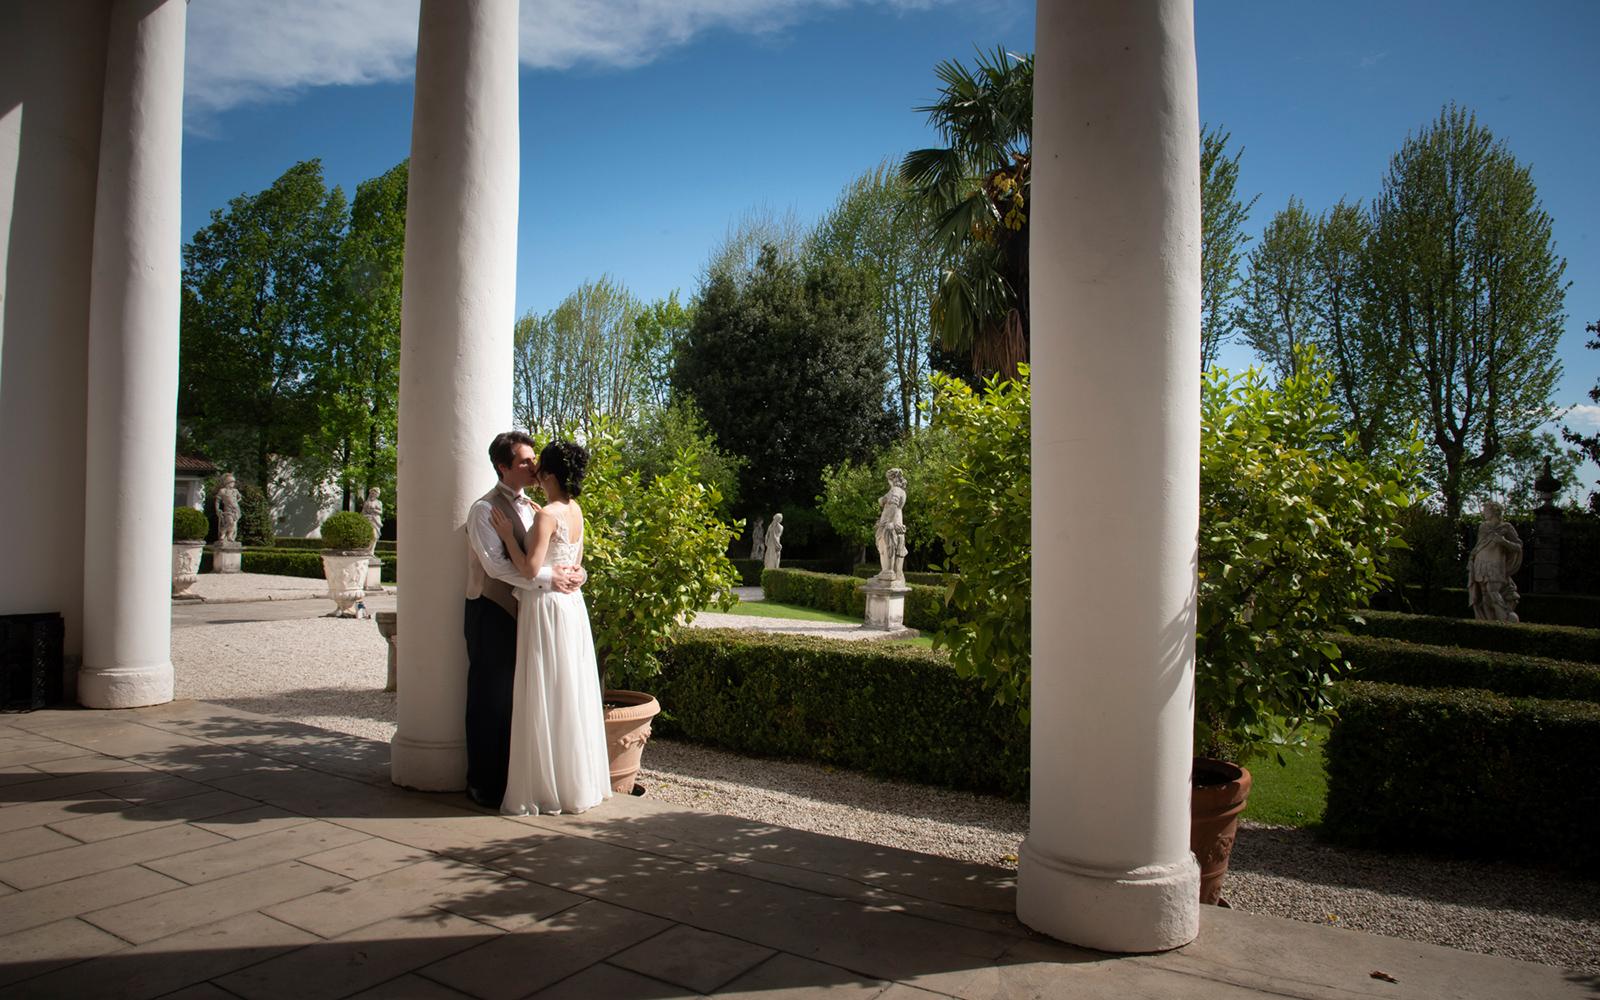 spazio esterno per eventi Vicenza, giardino esterno matrimonio Vicenza, giardino esterno matrimonio Padova, villa per eventi Padova , villa per matrimoni Vicenza, location shooting Vicenza